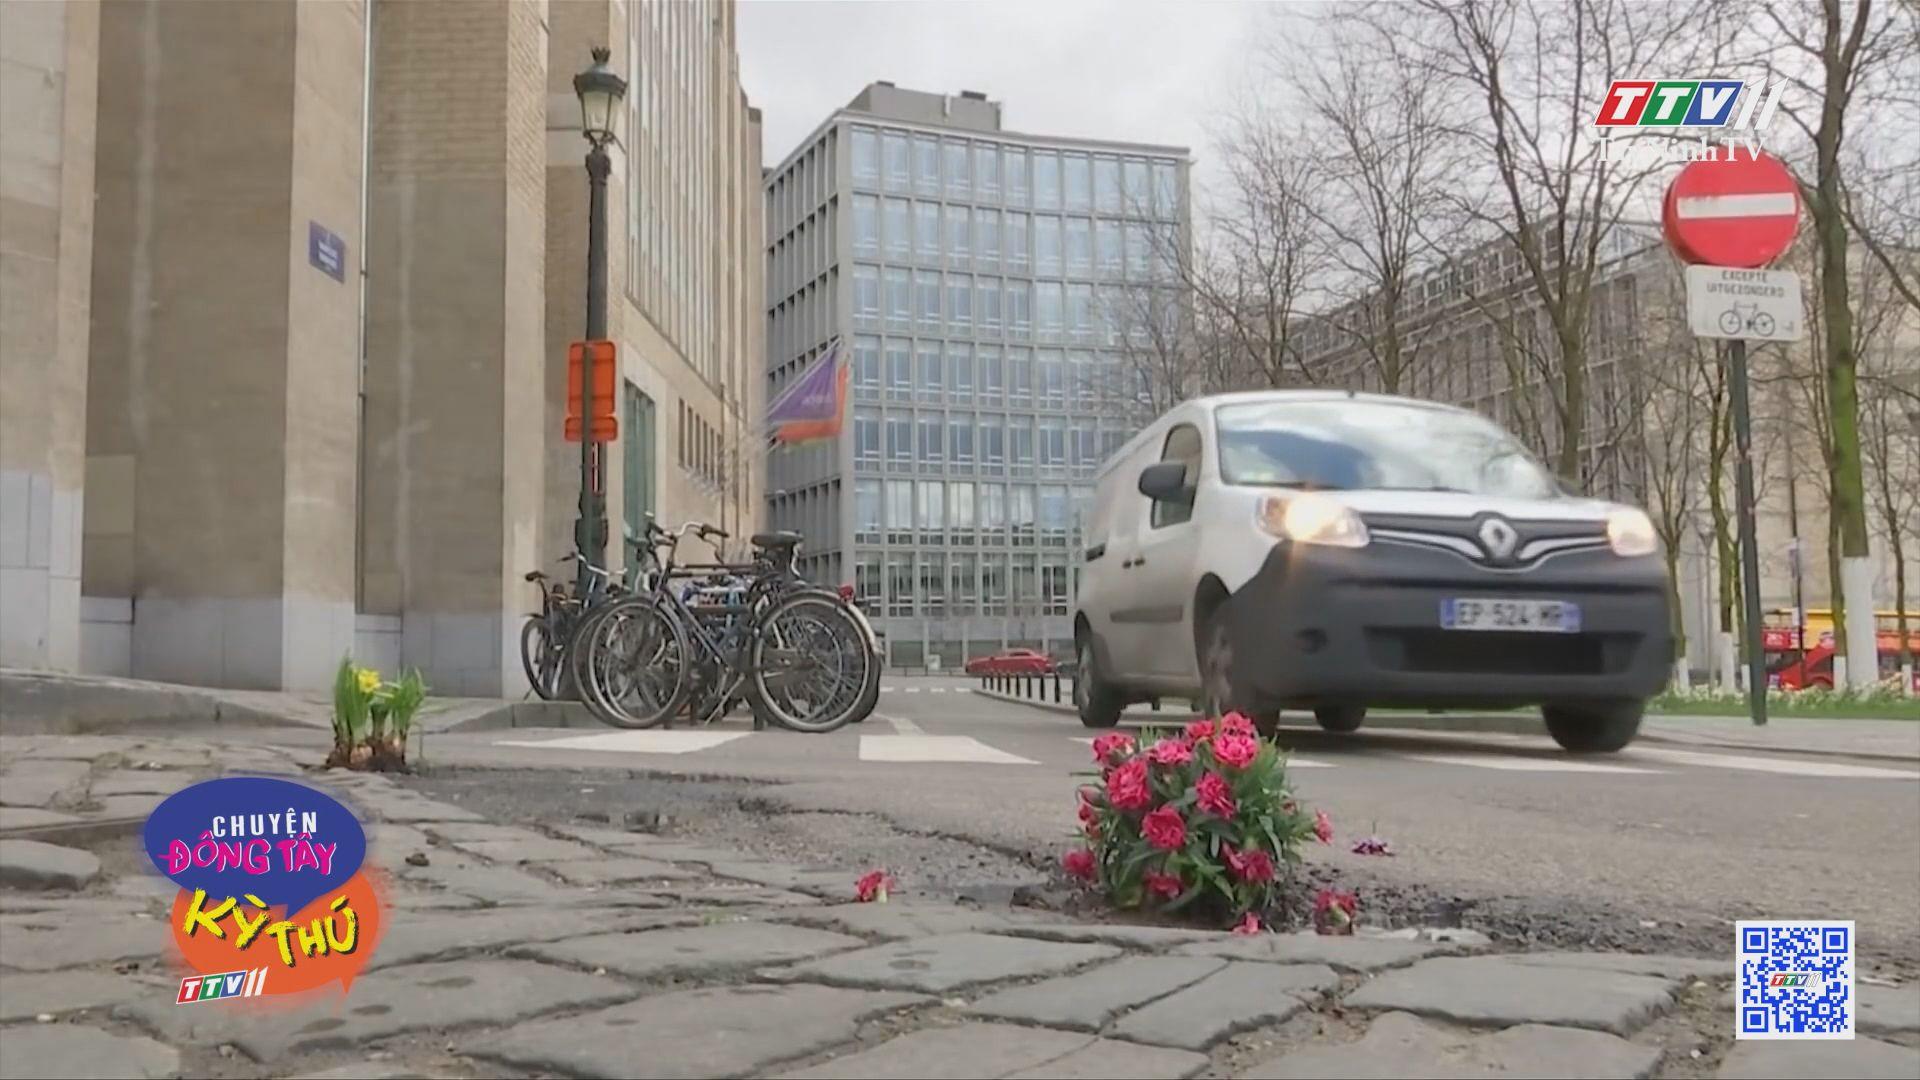 Trồng hoa lấp đầy ổ gà trên đường | CHUYỆN ĐÔNG TÂY KỲ THÚ | TayNinhTV